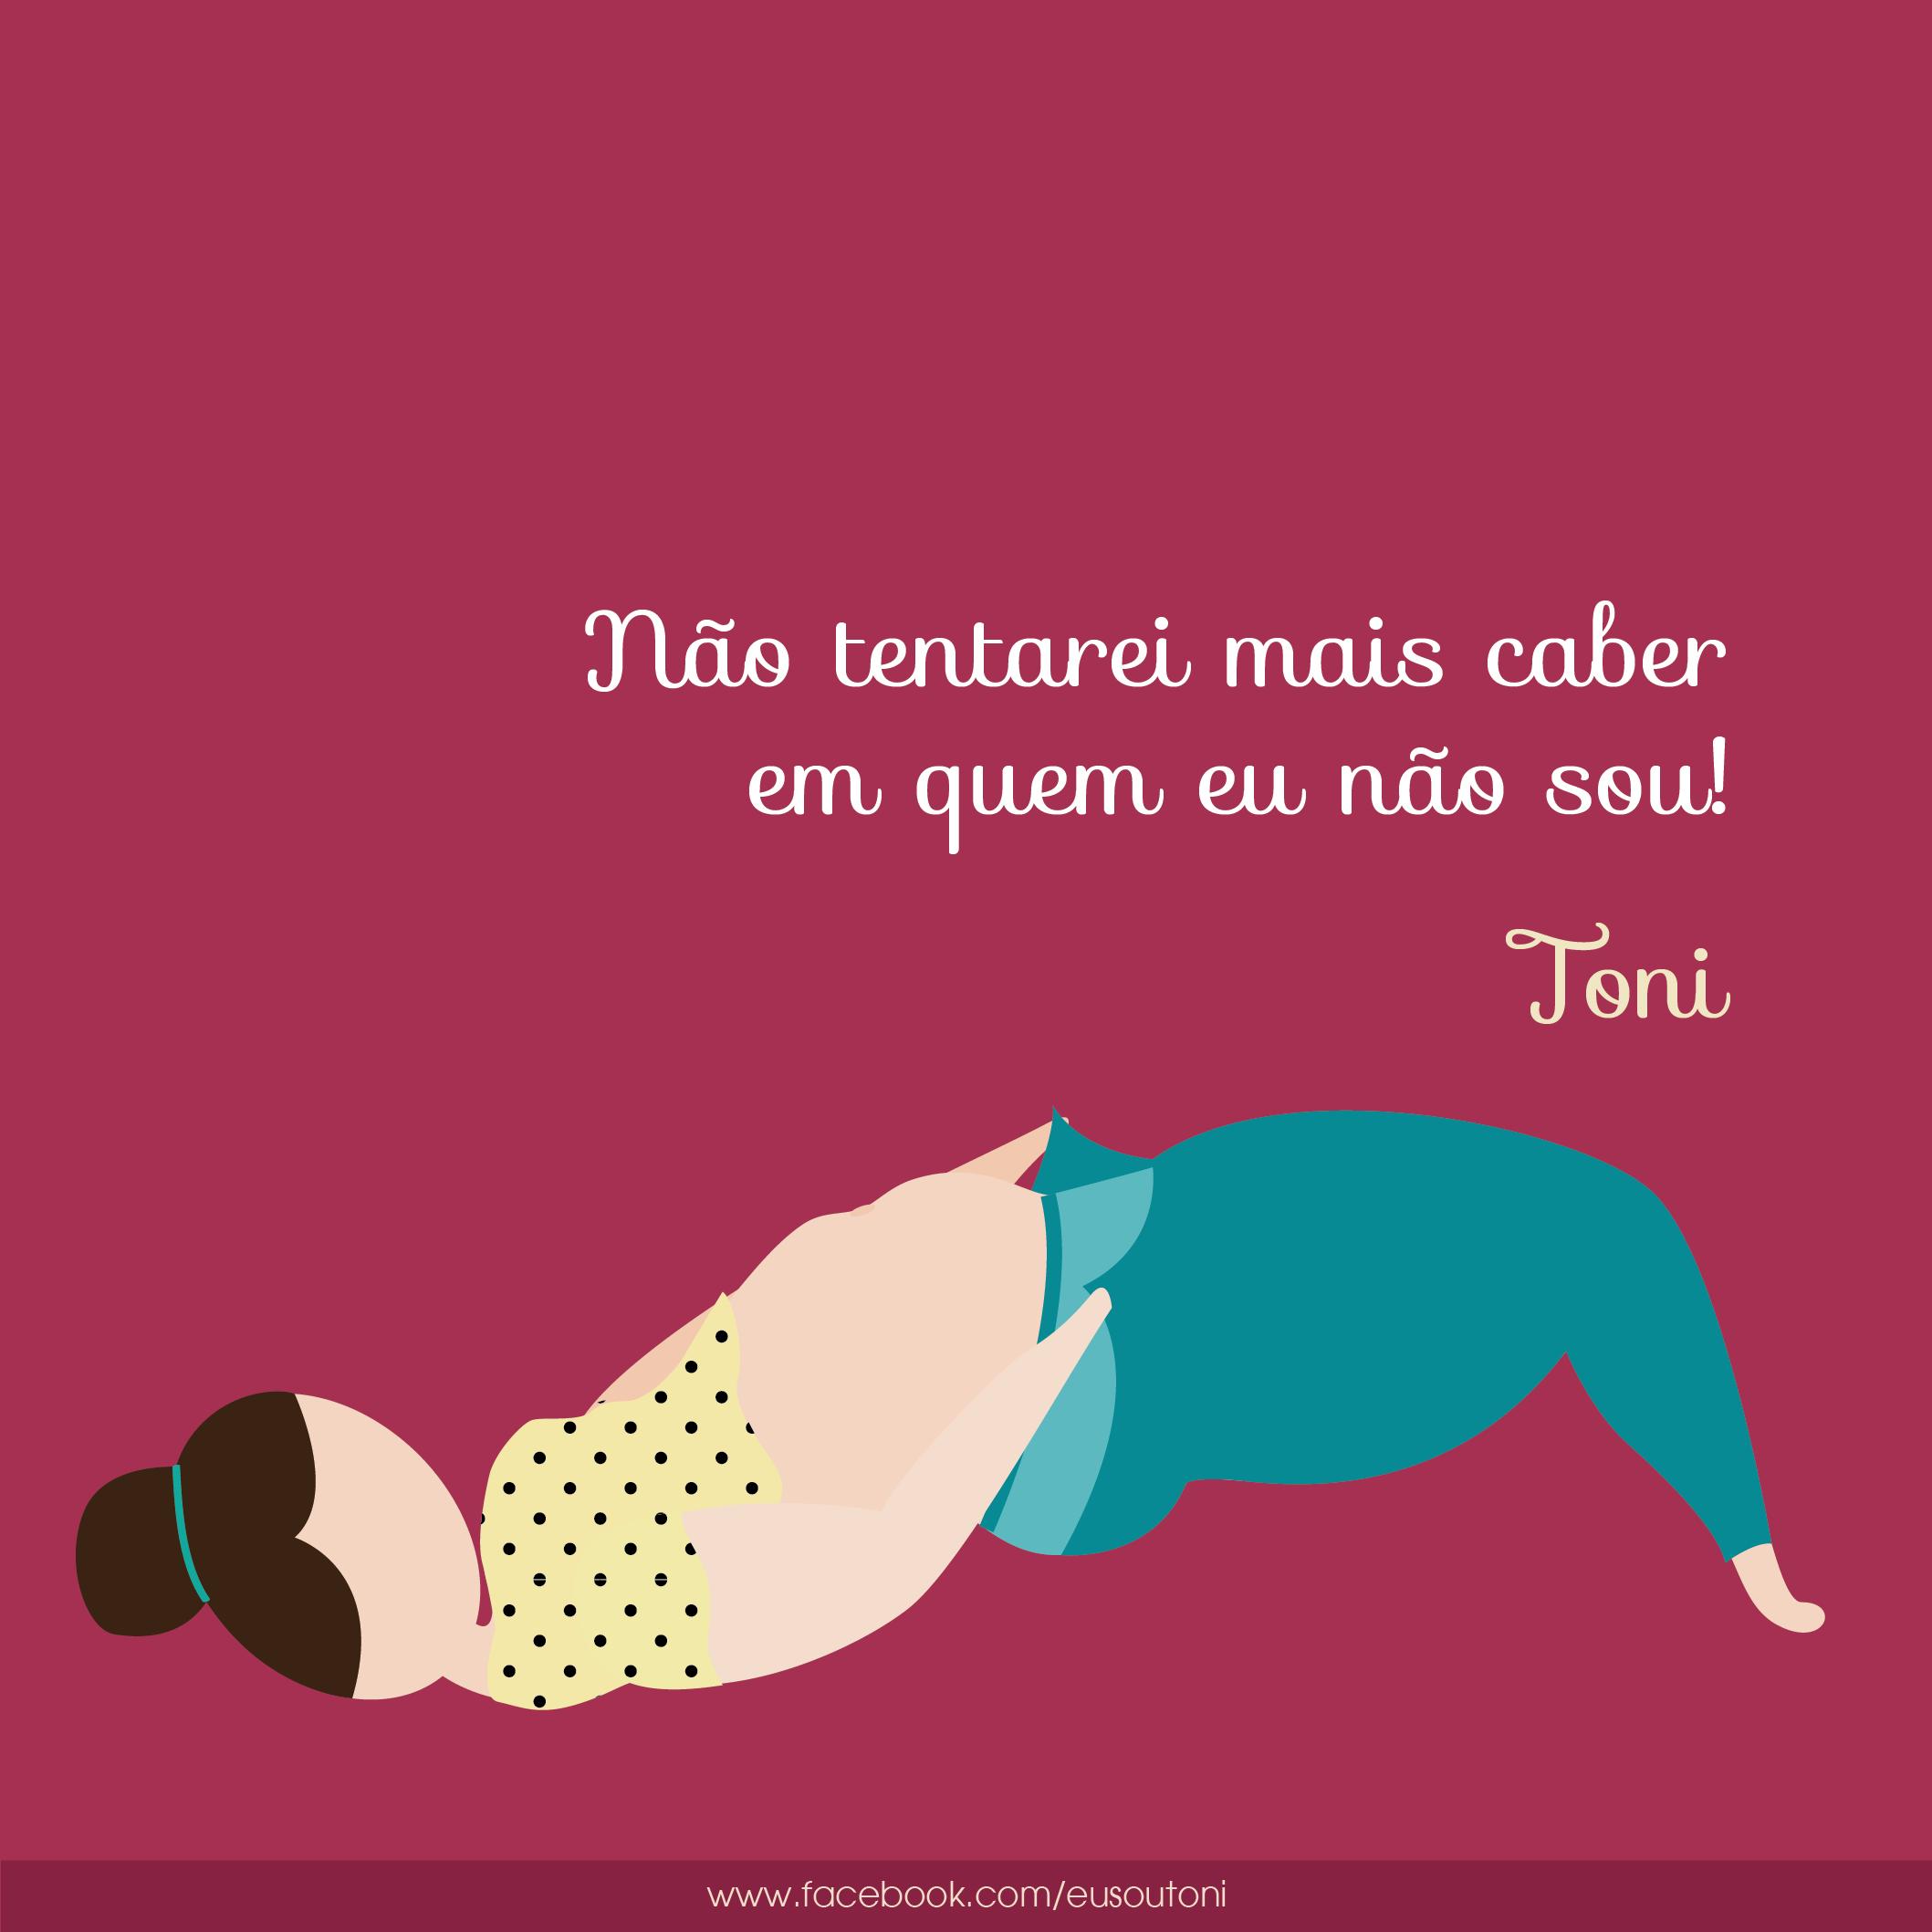 Marília de Almeida Gonçalves